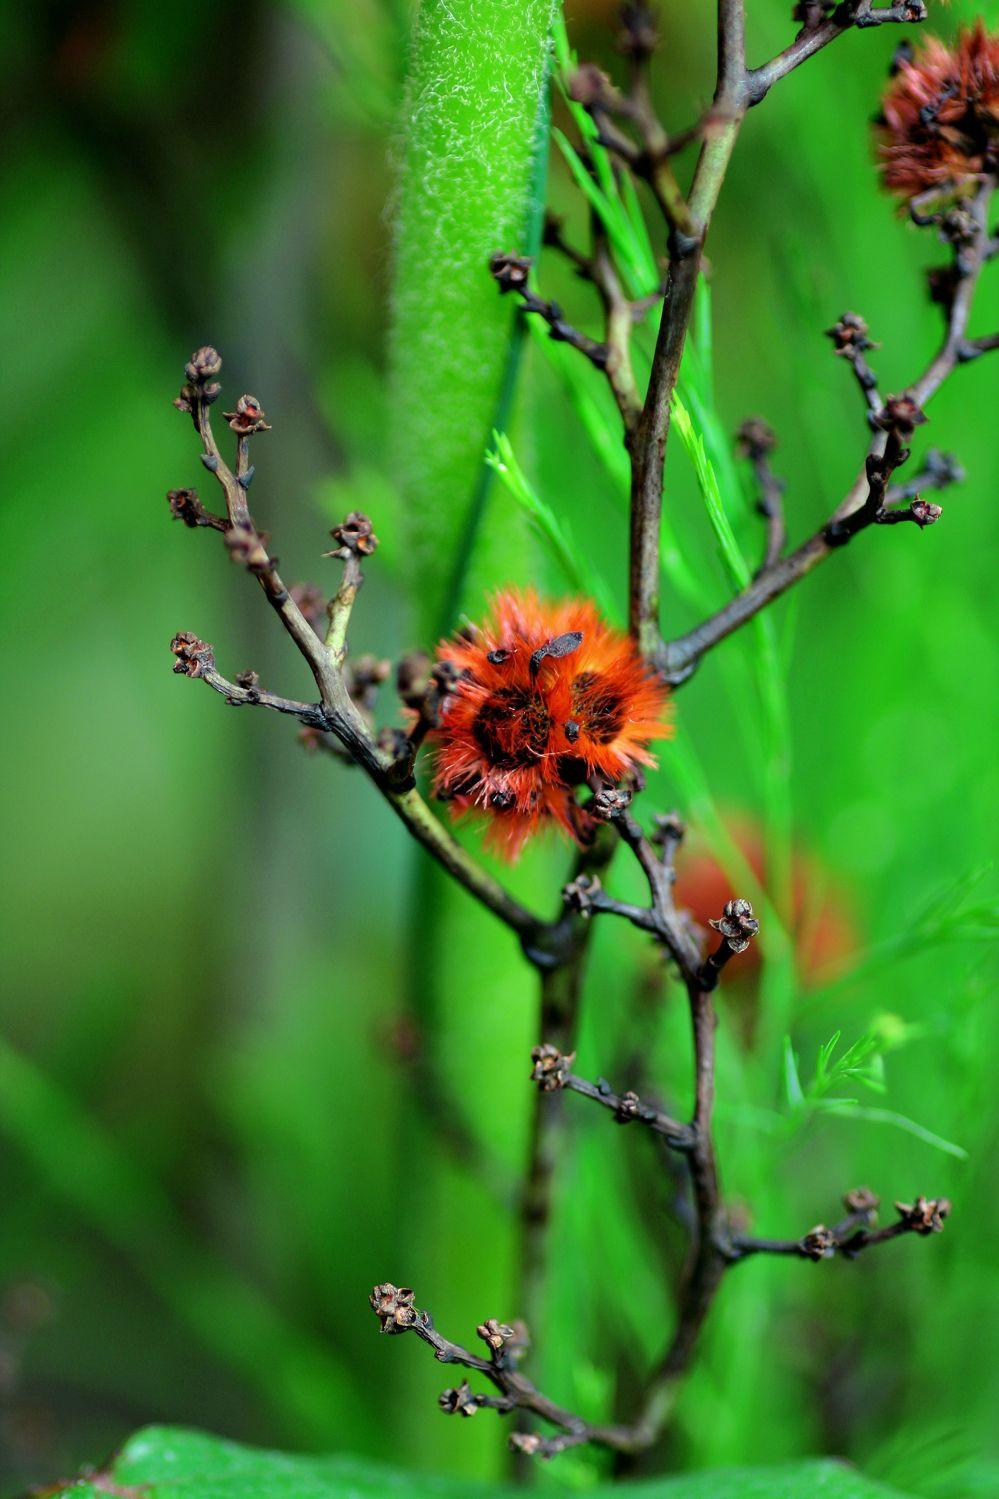 Bild mit Farben, Natur, Grün, Pflanzen, Blumen, Sträucher, Pflanze, Strauch